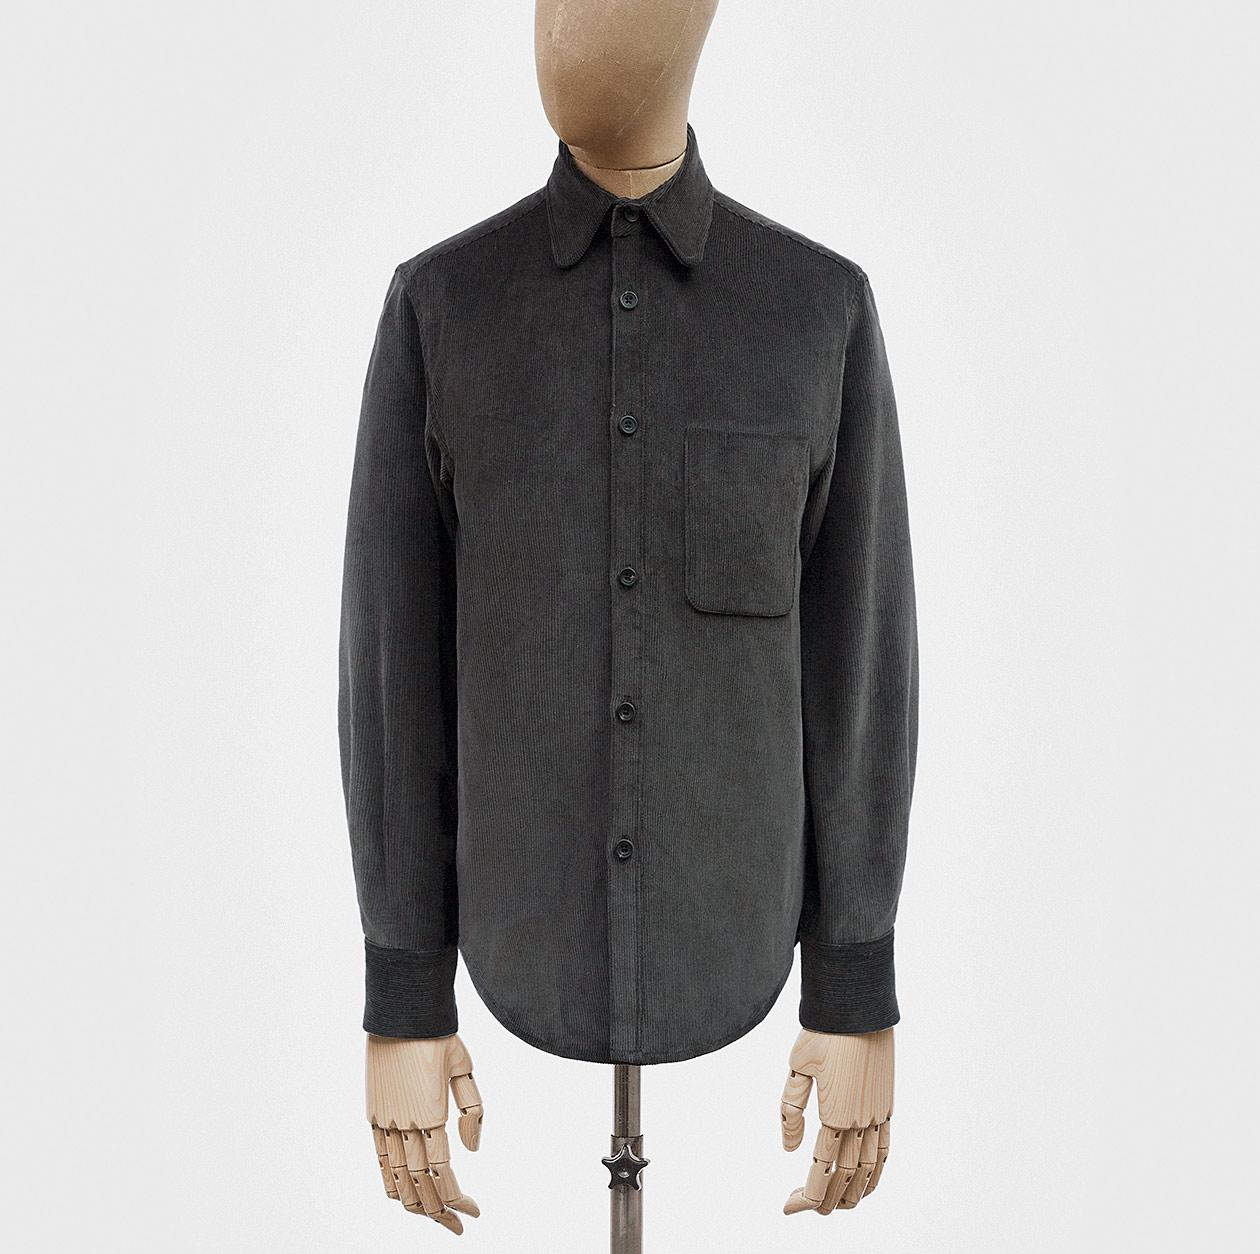 shirt-standard-collar-lead-grey-corduroy-1@2x.jpg